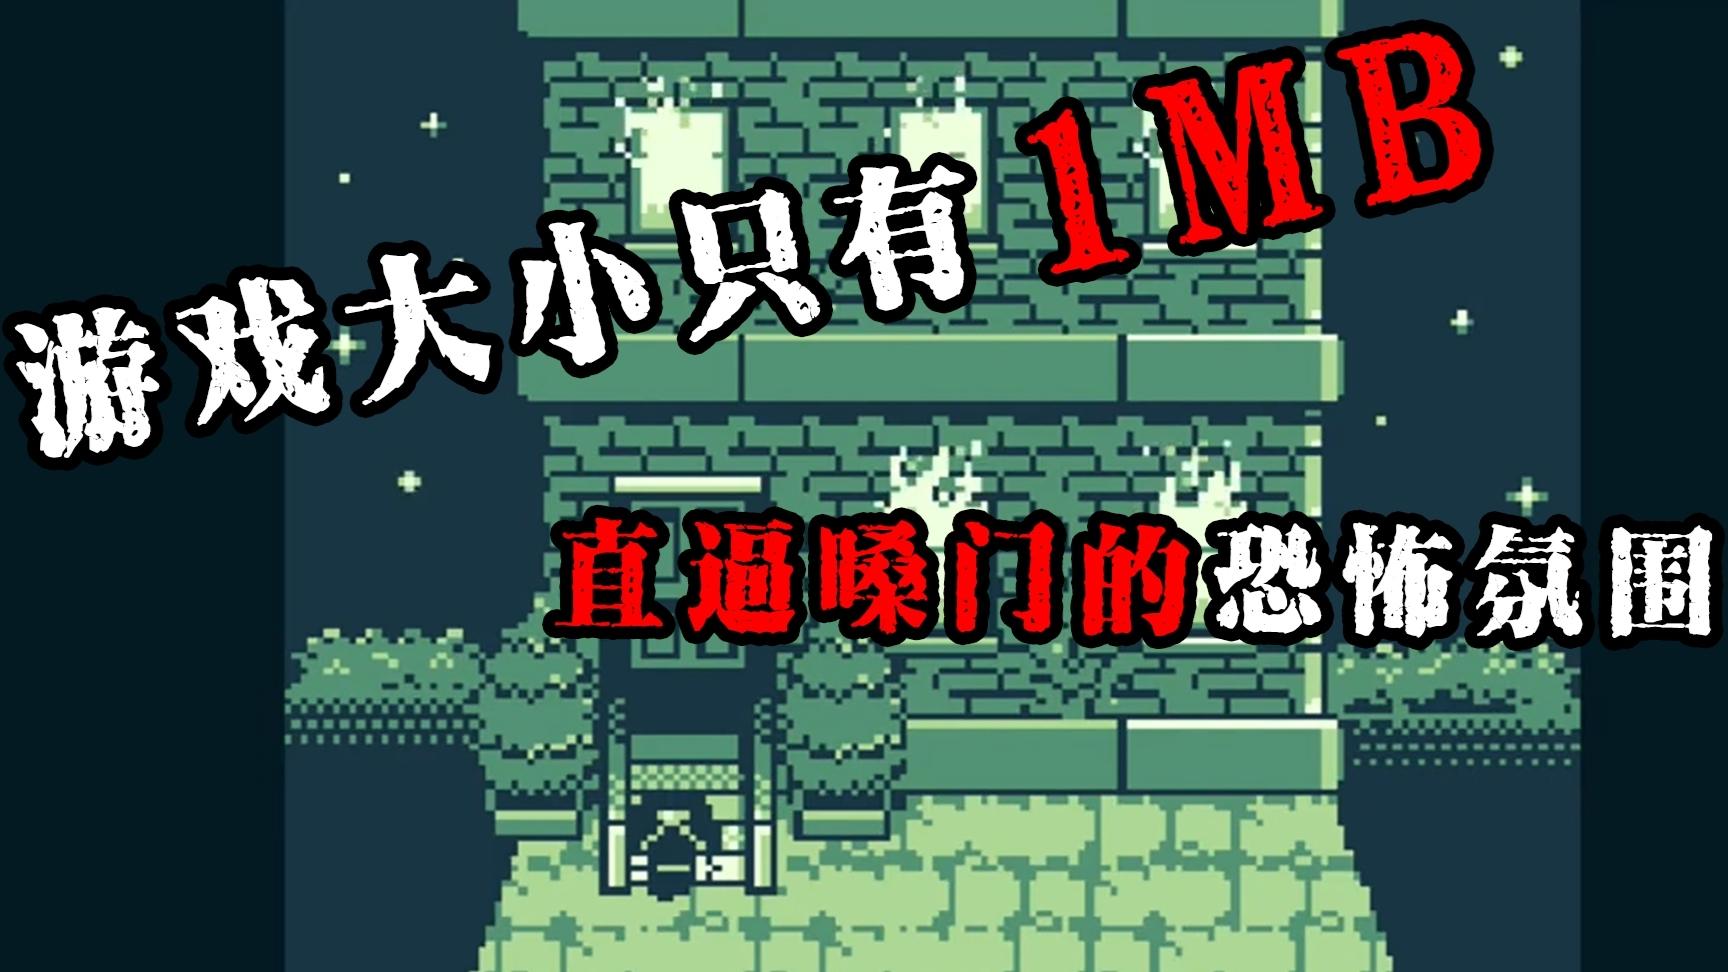 这款恐怖游戏只有1MB的大小,直逼嗓门的恐怖氛围!